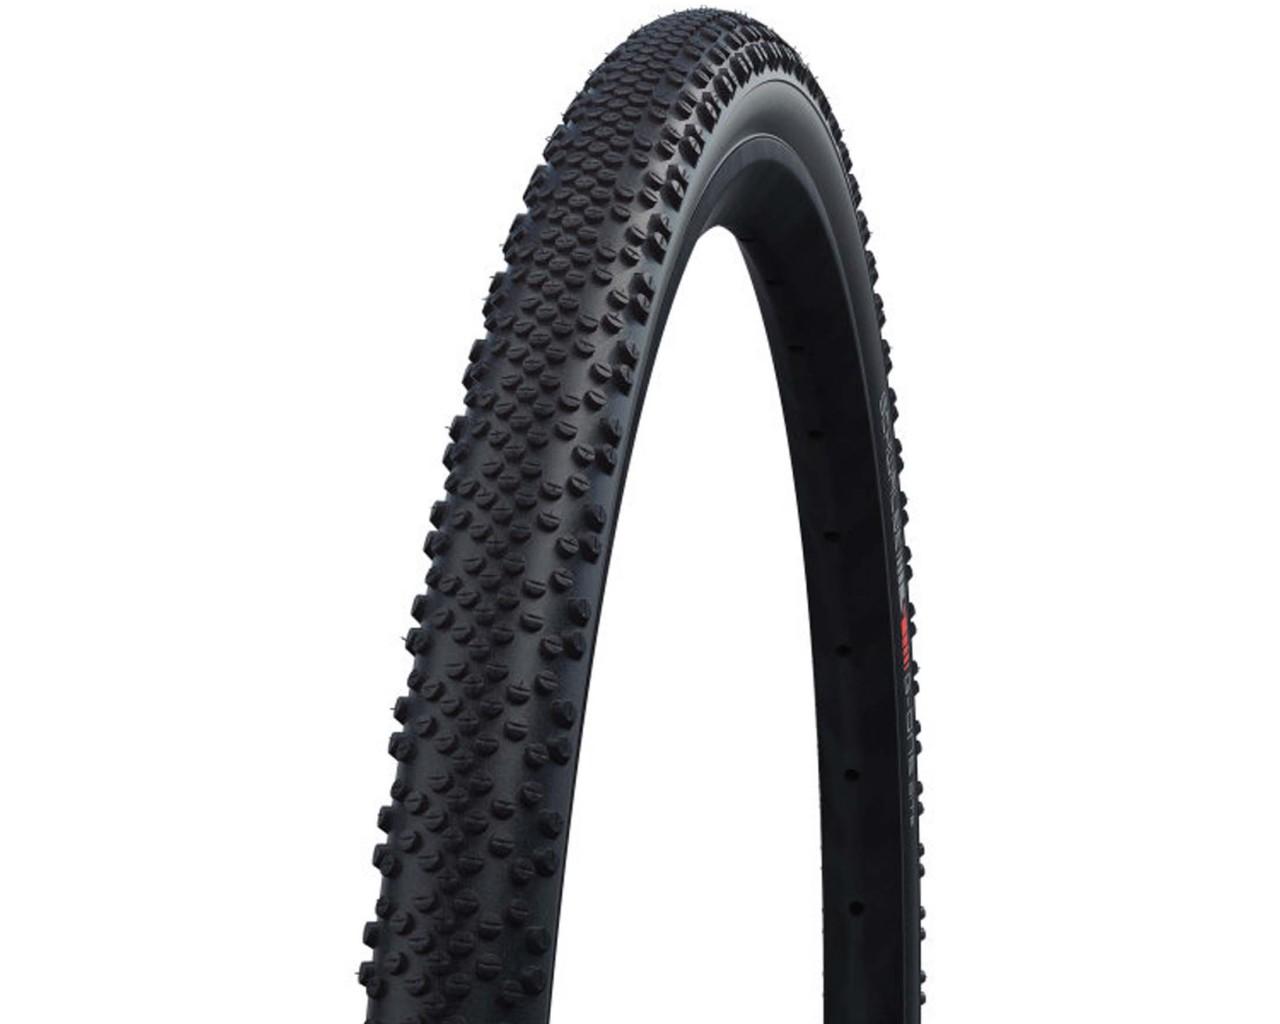 Schwalbe G-One Bite Gravel-Reifen 28x2.00 Zoll | schwarz ADDIX SpeedGrip Evolution Line faltbar